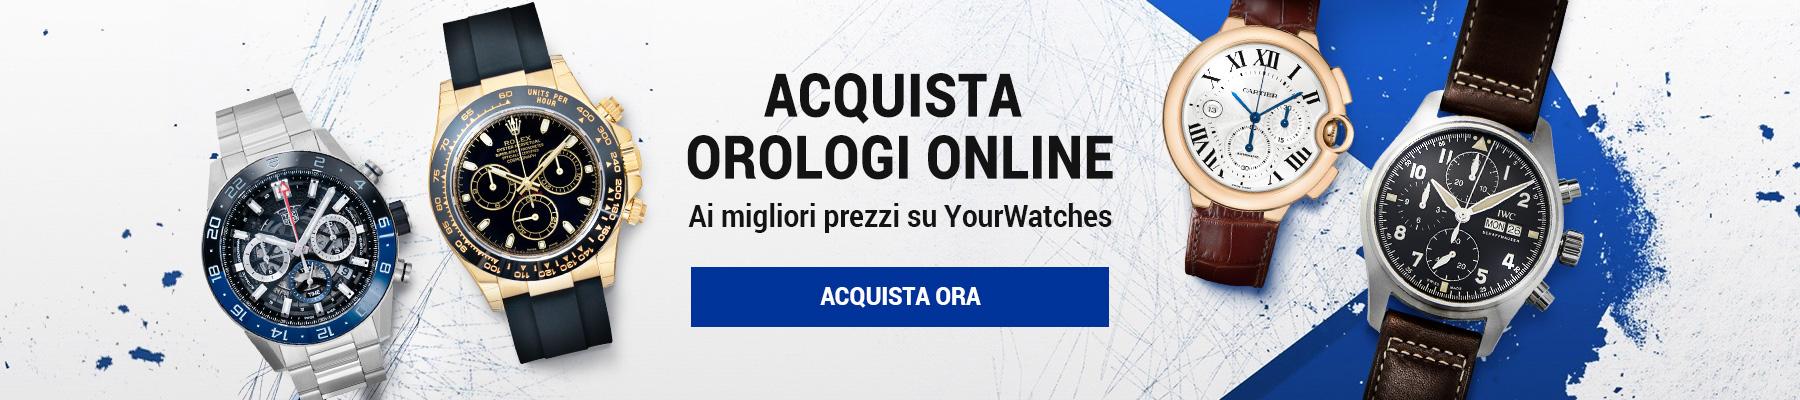 Acquista Orologi Online